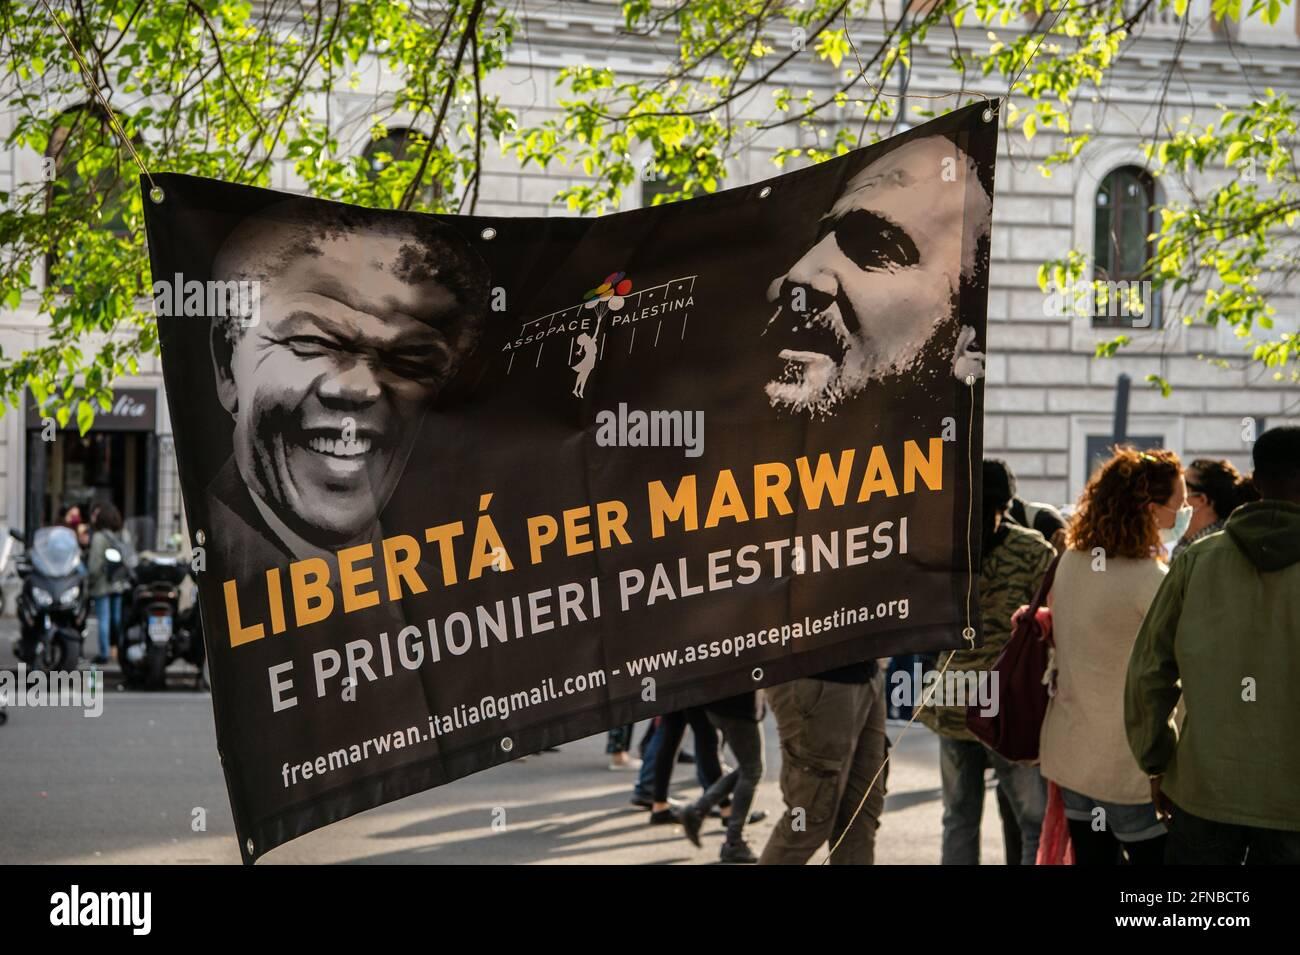 Manifestation de soutien au peuple palestinien lors de l'attaque israélienne sur la bande de Gaza. Rome, Italie, 15 mai 2021 Banque D'Images